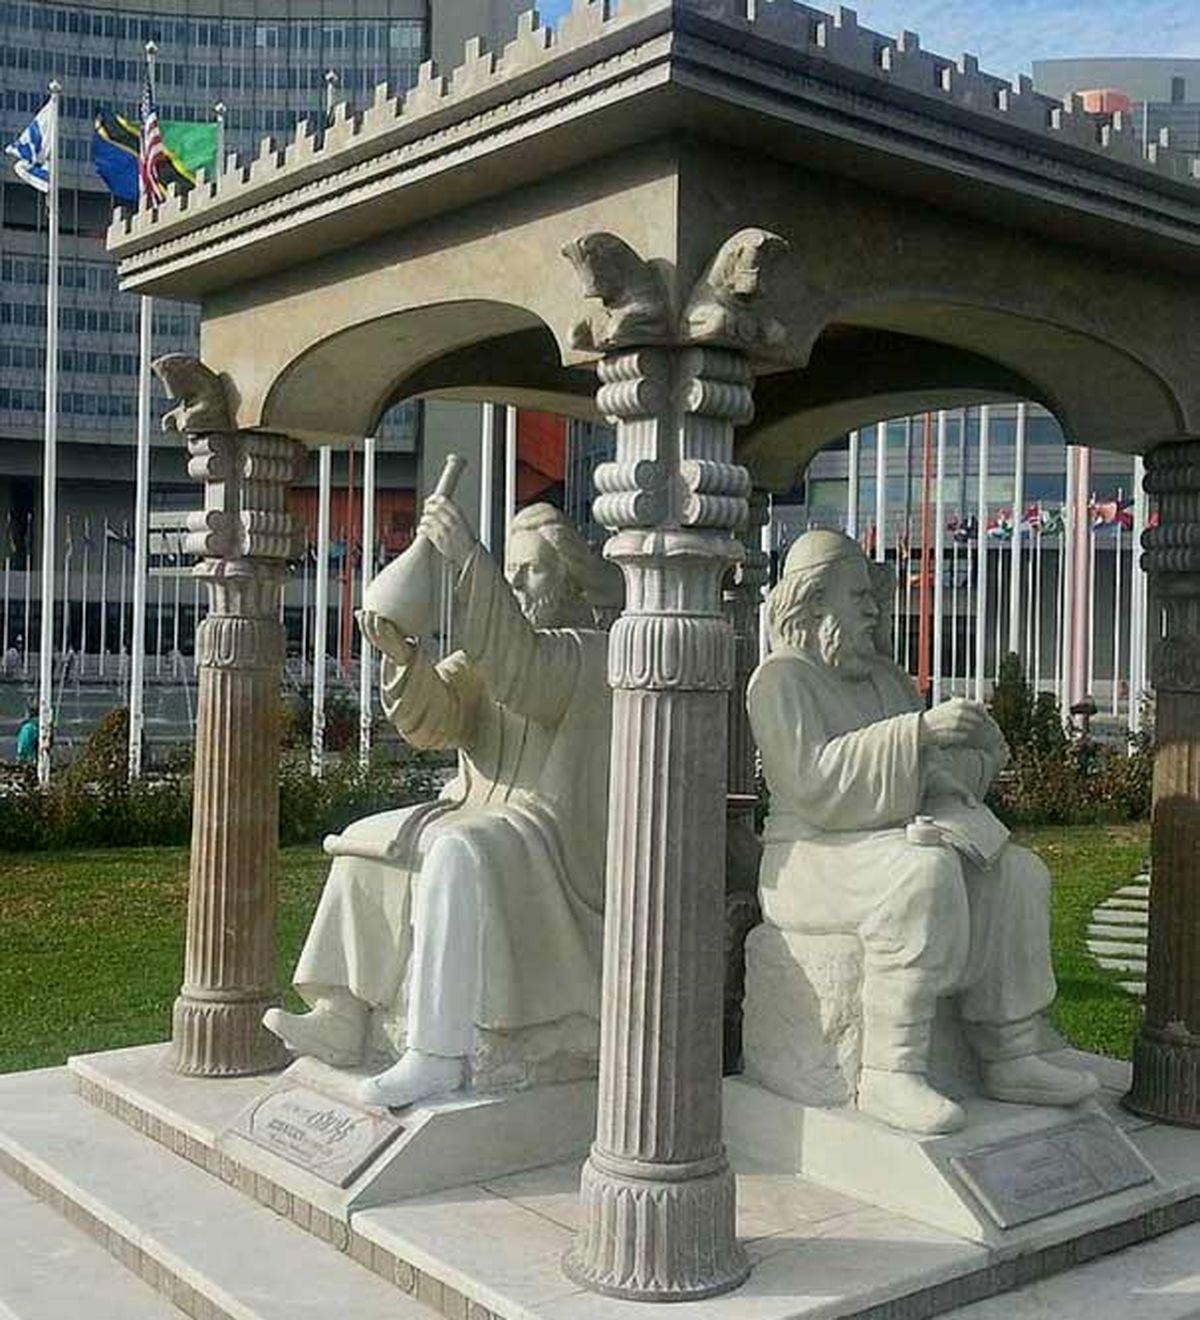 بنای پر افتخار چهار دانشمندان ایرانی در سازمان ملل متحد